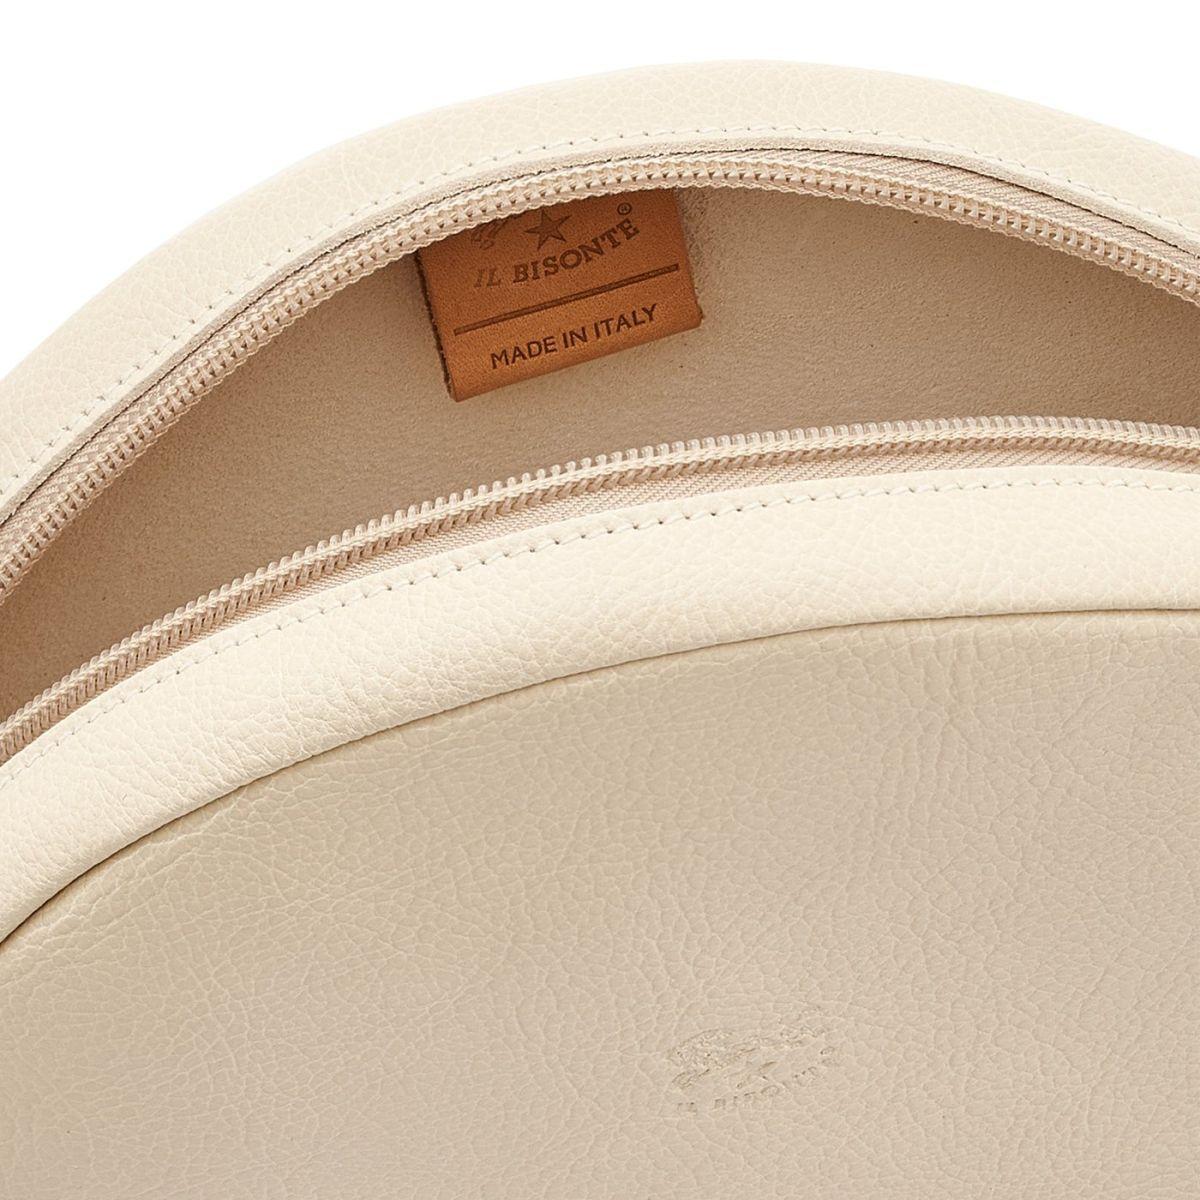 Disco Bag - Borsa A Tracolla da Donna in Pelle Di Vacchetta colore Avorio - Linea Candy BCR094 | Details